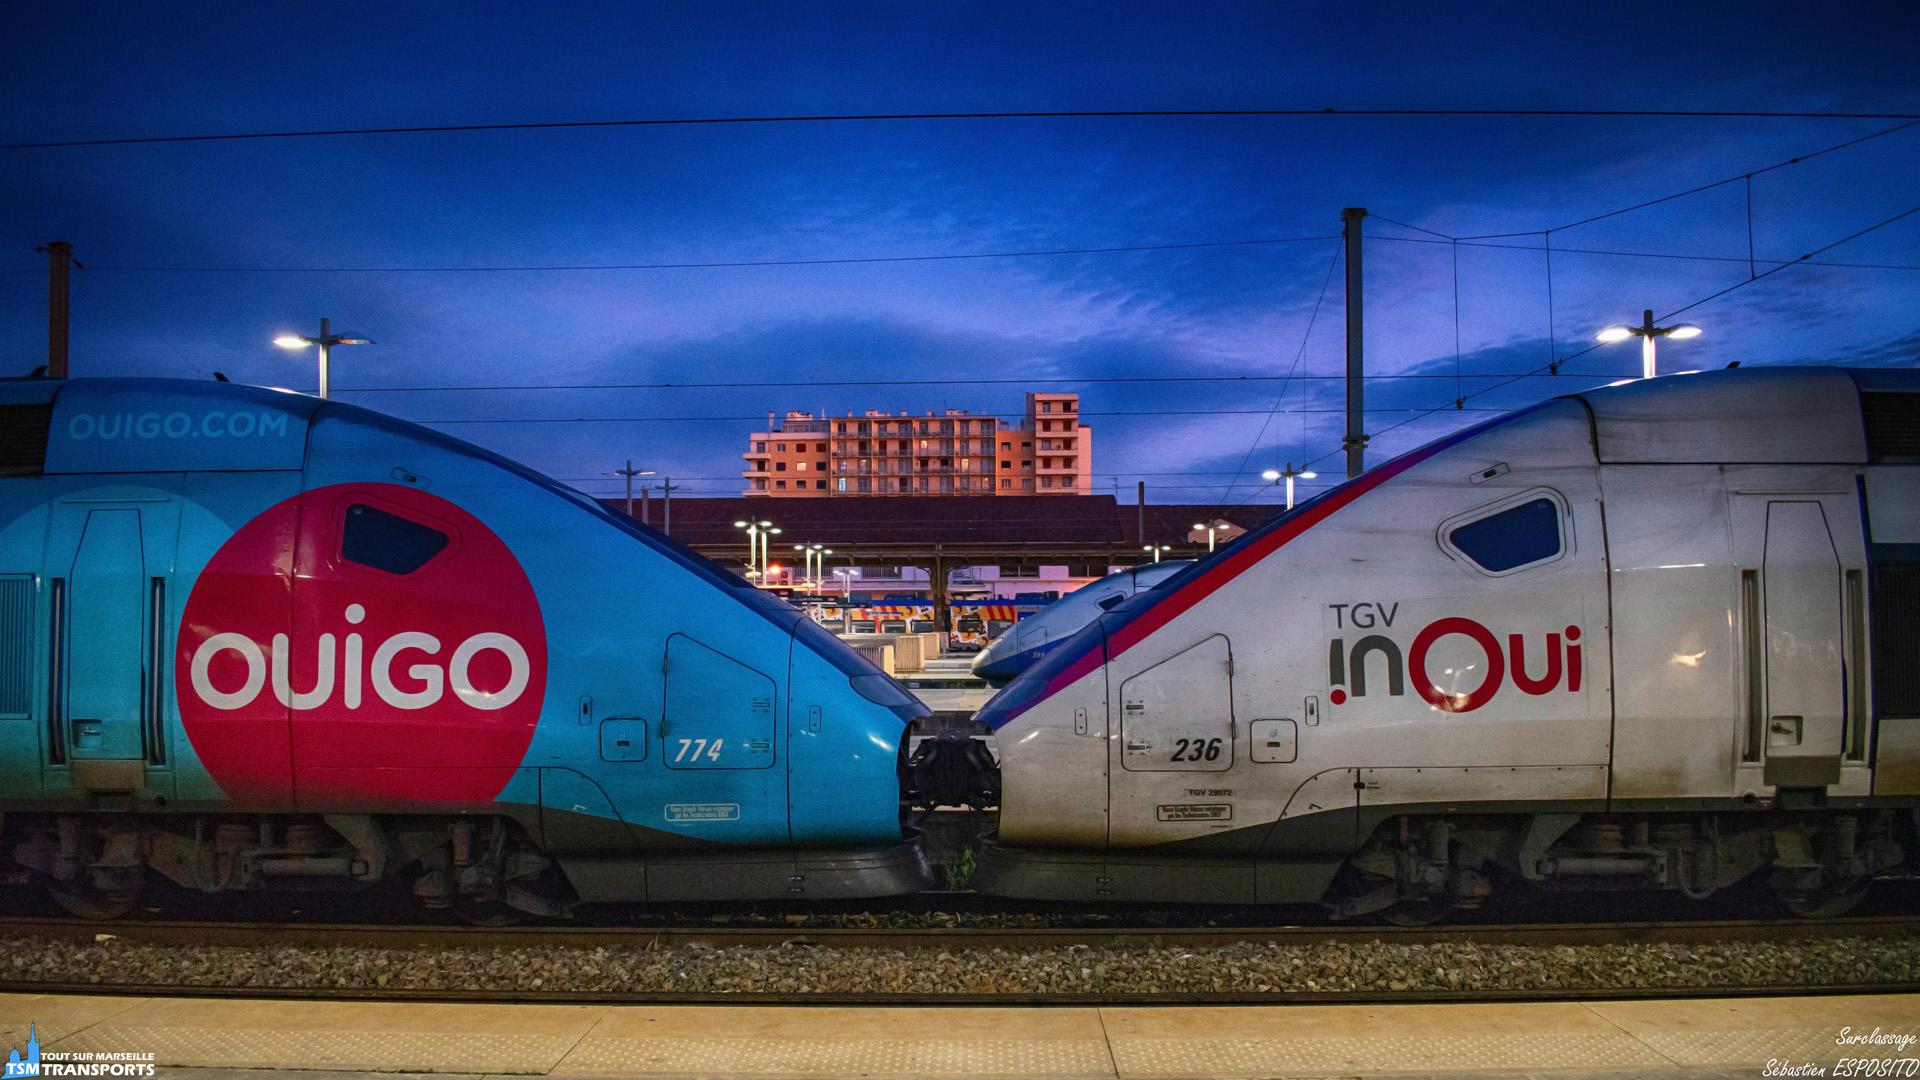 Combo peu commun en gare Saint Charles en fin de journée, où cette UM de TGV Ouigo/Inoui est à quai sous un ciel bleu électrique. . ℹ️ Alstom TGV Dasye Ouigo N°774. . ℹ️² : Alstom TGV Duplex SNCF Inoui N°236. . 📍 Gare Saint Charles, Square Narvik, 1er arrondissement de Marseille. . 📸 Nikon D5600. . 📷 Nikkor 18-55mm. . 📅 12 Février 2019 à 18:27. . 👨 Sébastien ESPOSITO accompagné de @lordregio13 .